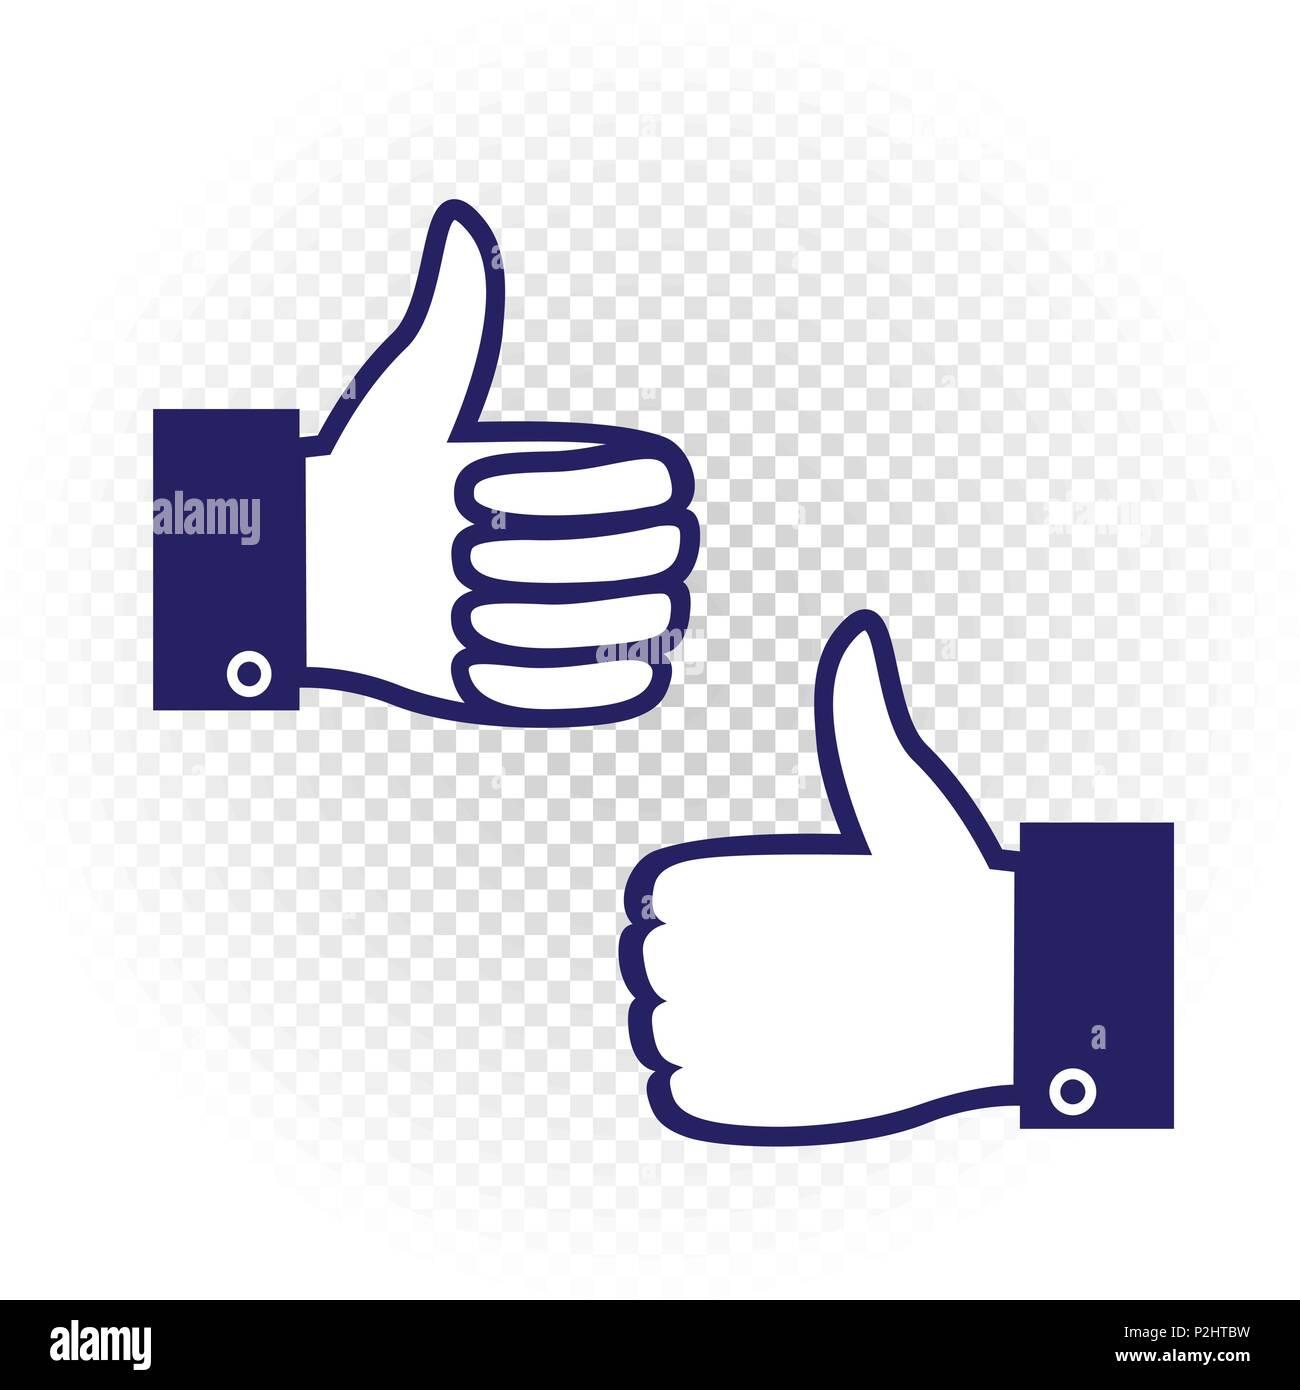 Like Symbol Set Blue Hand Palm With Raised Upward Finger On White